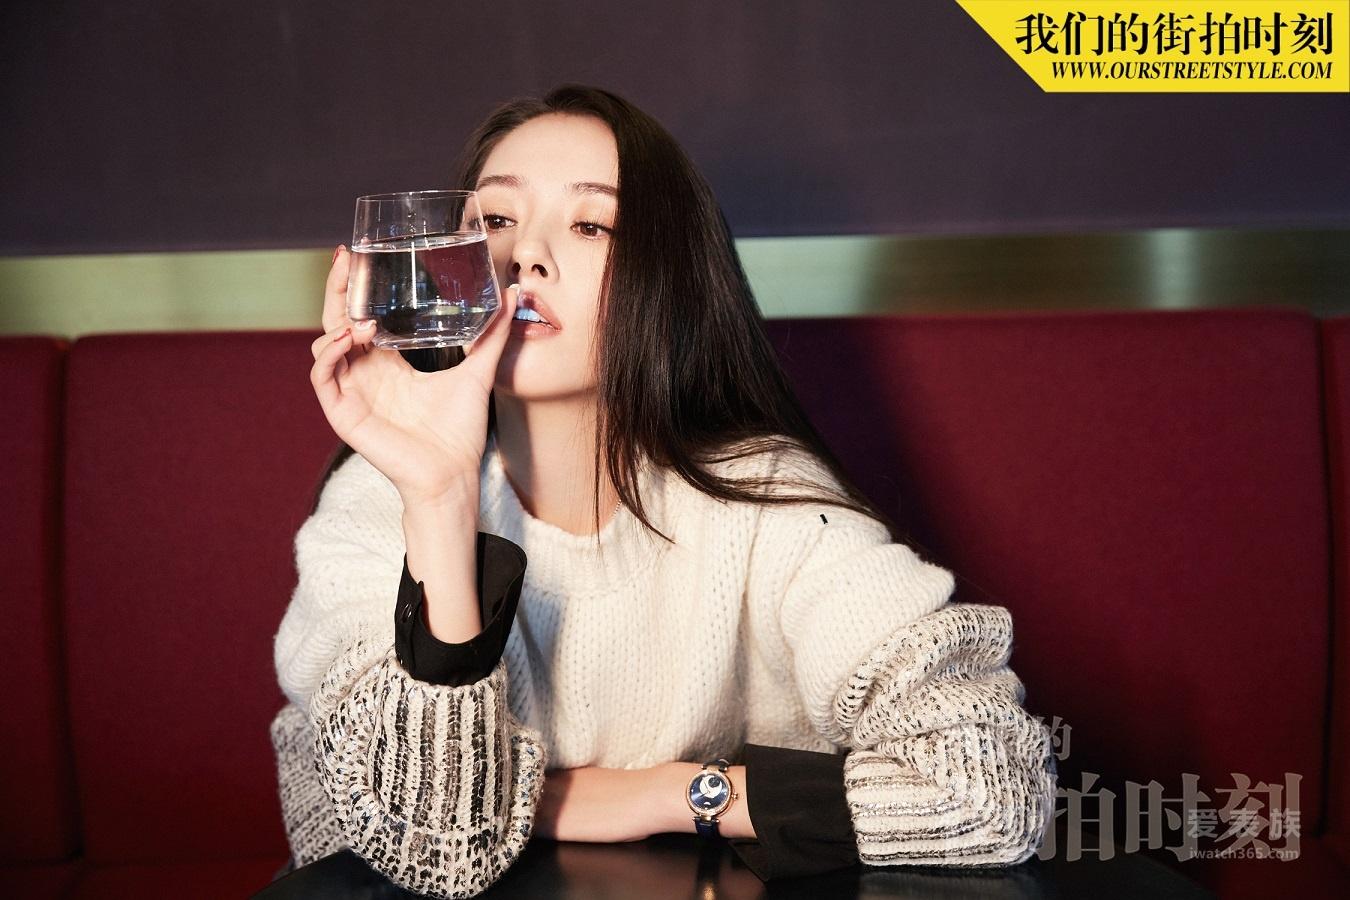 郭碧婷优雅诠释北京表灵动之美